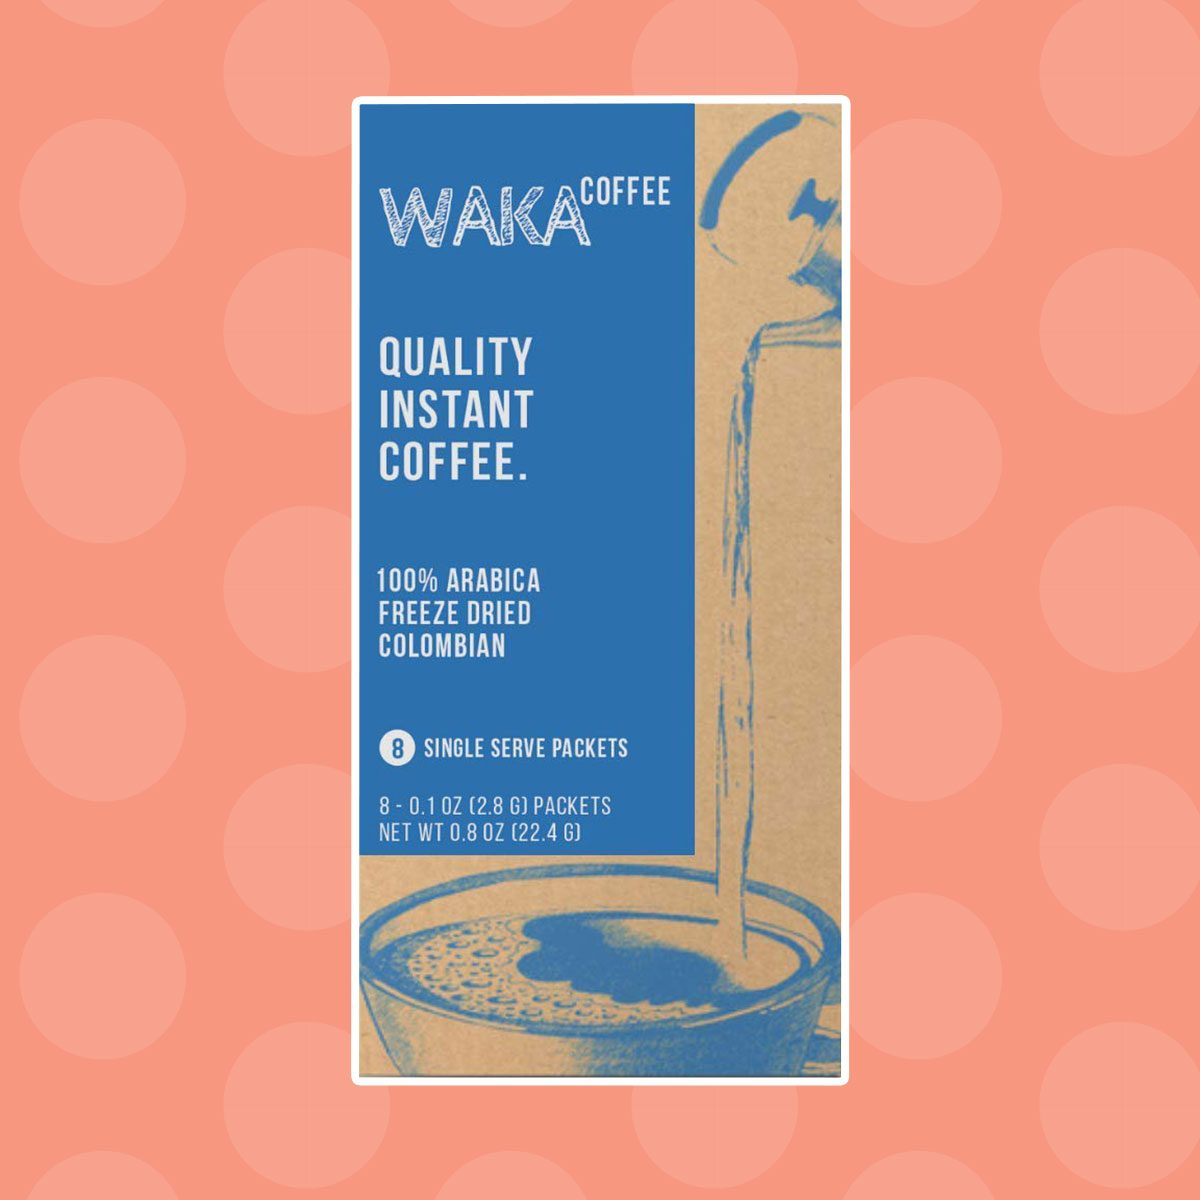 Waka Coffee Quality Instant Coffee